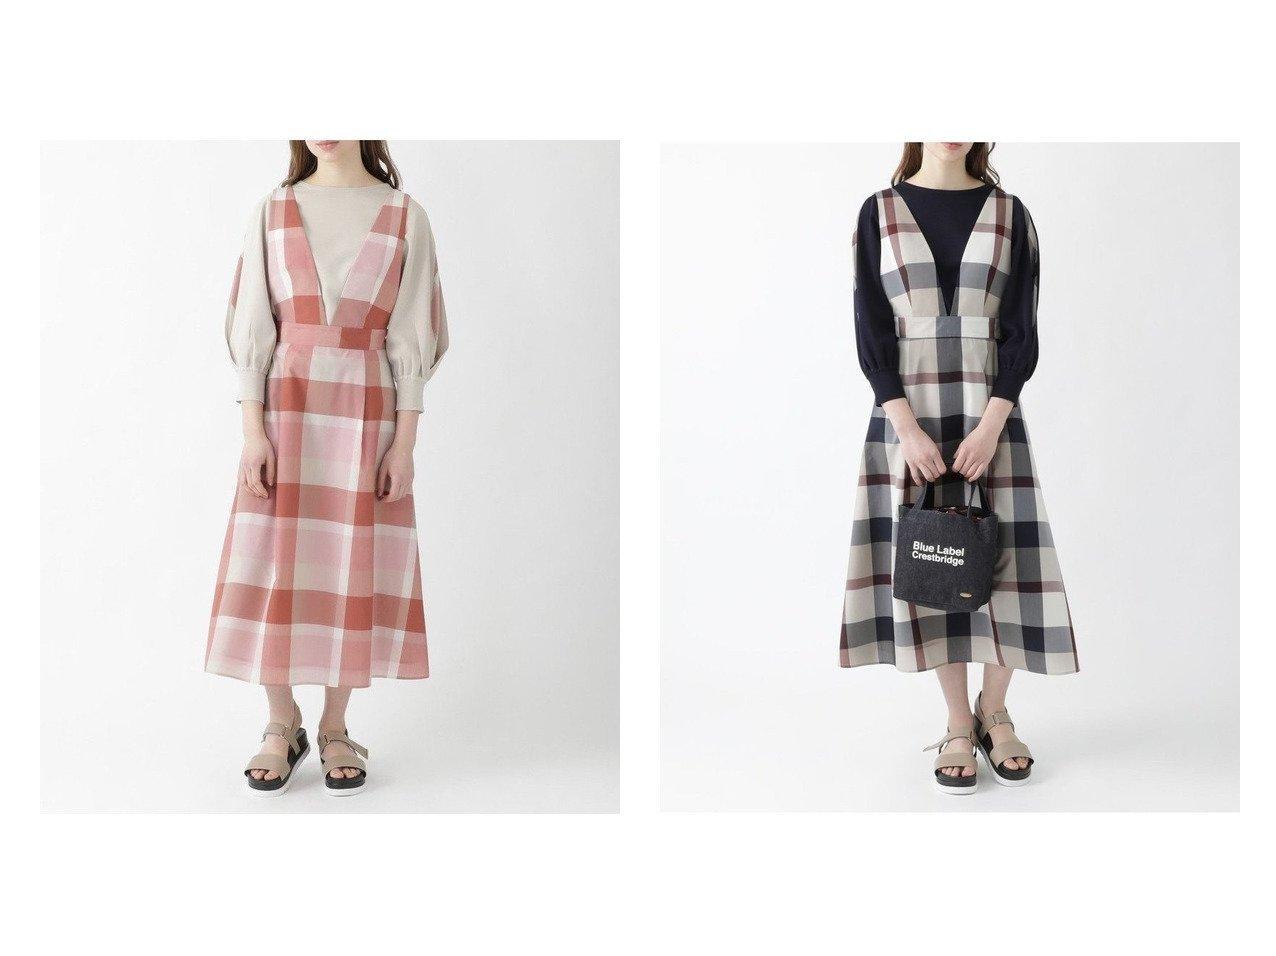 【BLUE LABEL CRESTBRIDGE/ブルーレーベル クレストブリッジ】のクレストブリッジチェックエコナイロンワッシャー ジャンパードレス おすすめ!人気トレンド・レディースファッション通販 おすすめで人気の流行・トレンド、ファッションの通販商品 インテリア・家具・メンズファッション・キッズファッション・レディースファッション・服の通販 founy(ファニー) https://founy.com/ ファッション Fashion レディースファッション WOMEN ワンピース Dress ドレス Party Dresses シャツワンピース Shirt Dresses おすすめ Recommend インナー カットソー トレンド ドレス フィット フェミニン フレア リボン 日本製 Made in Japan  ID:crp329100000046434